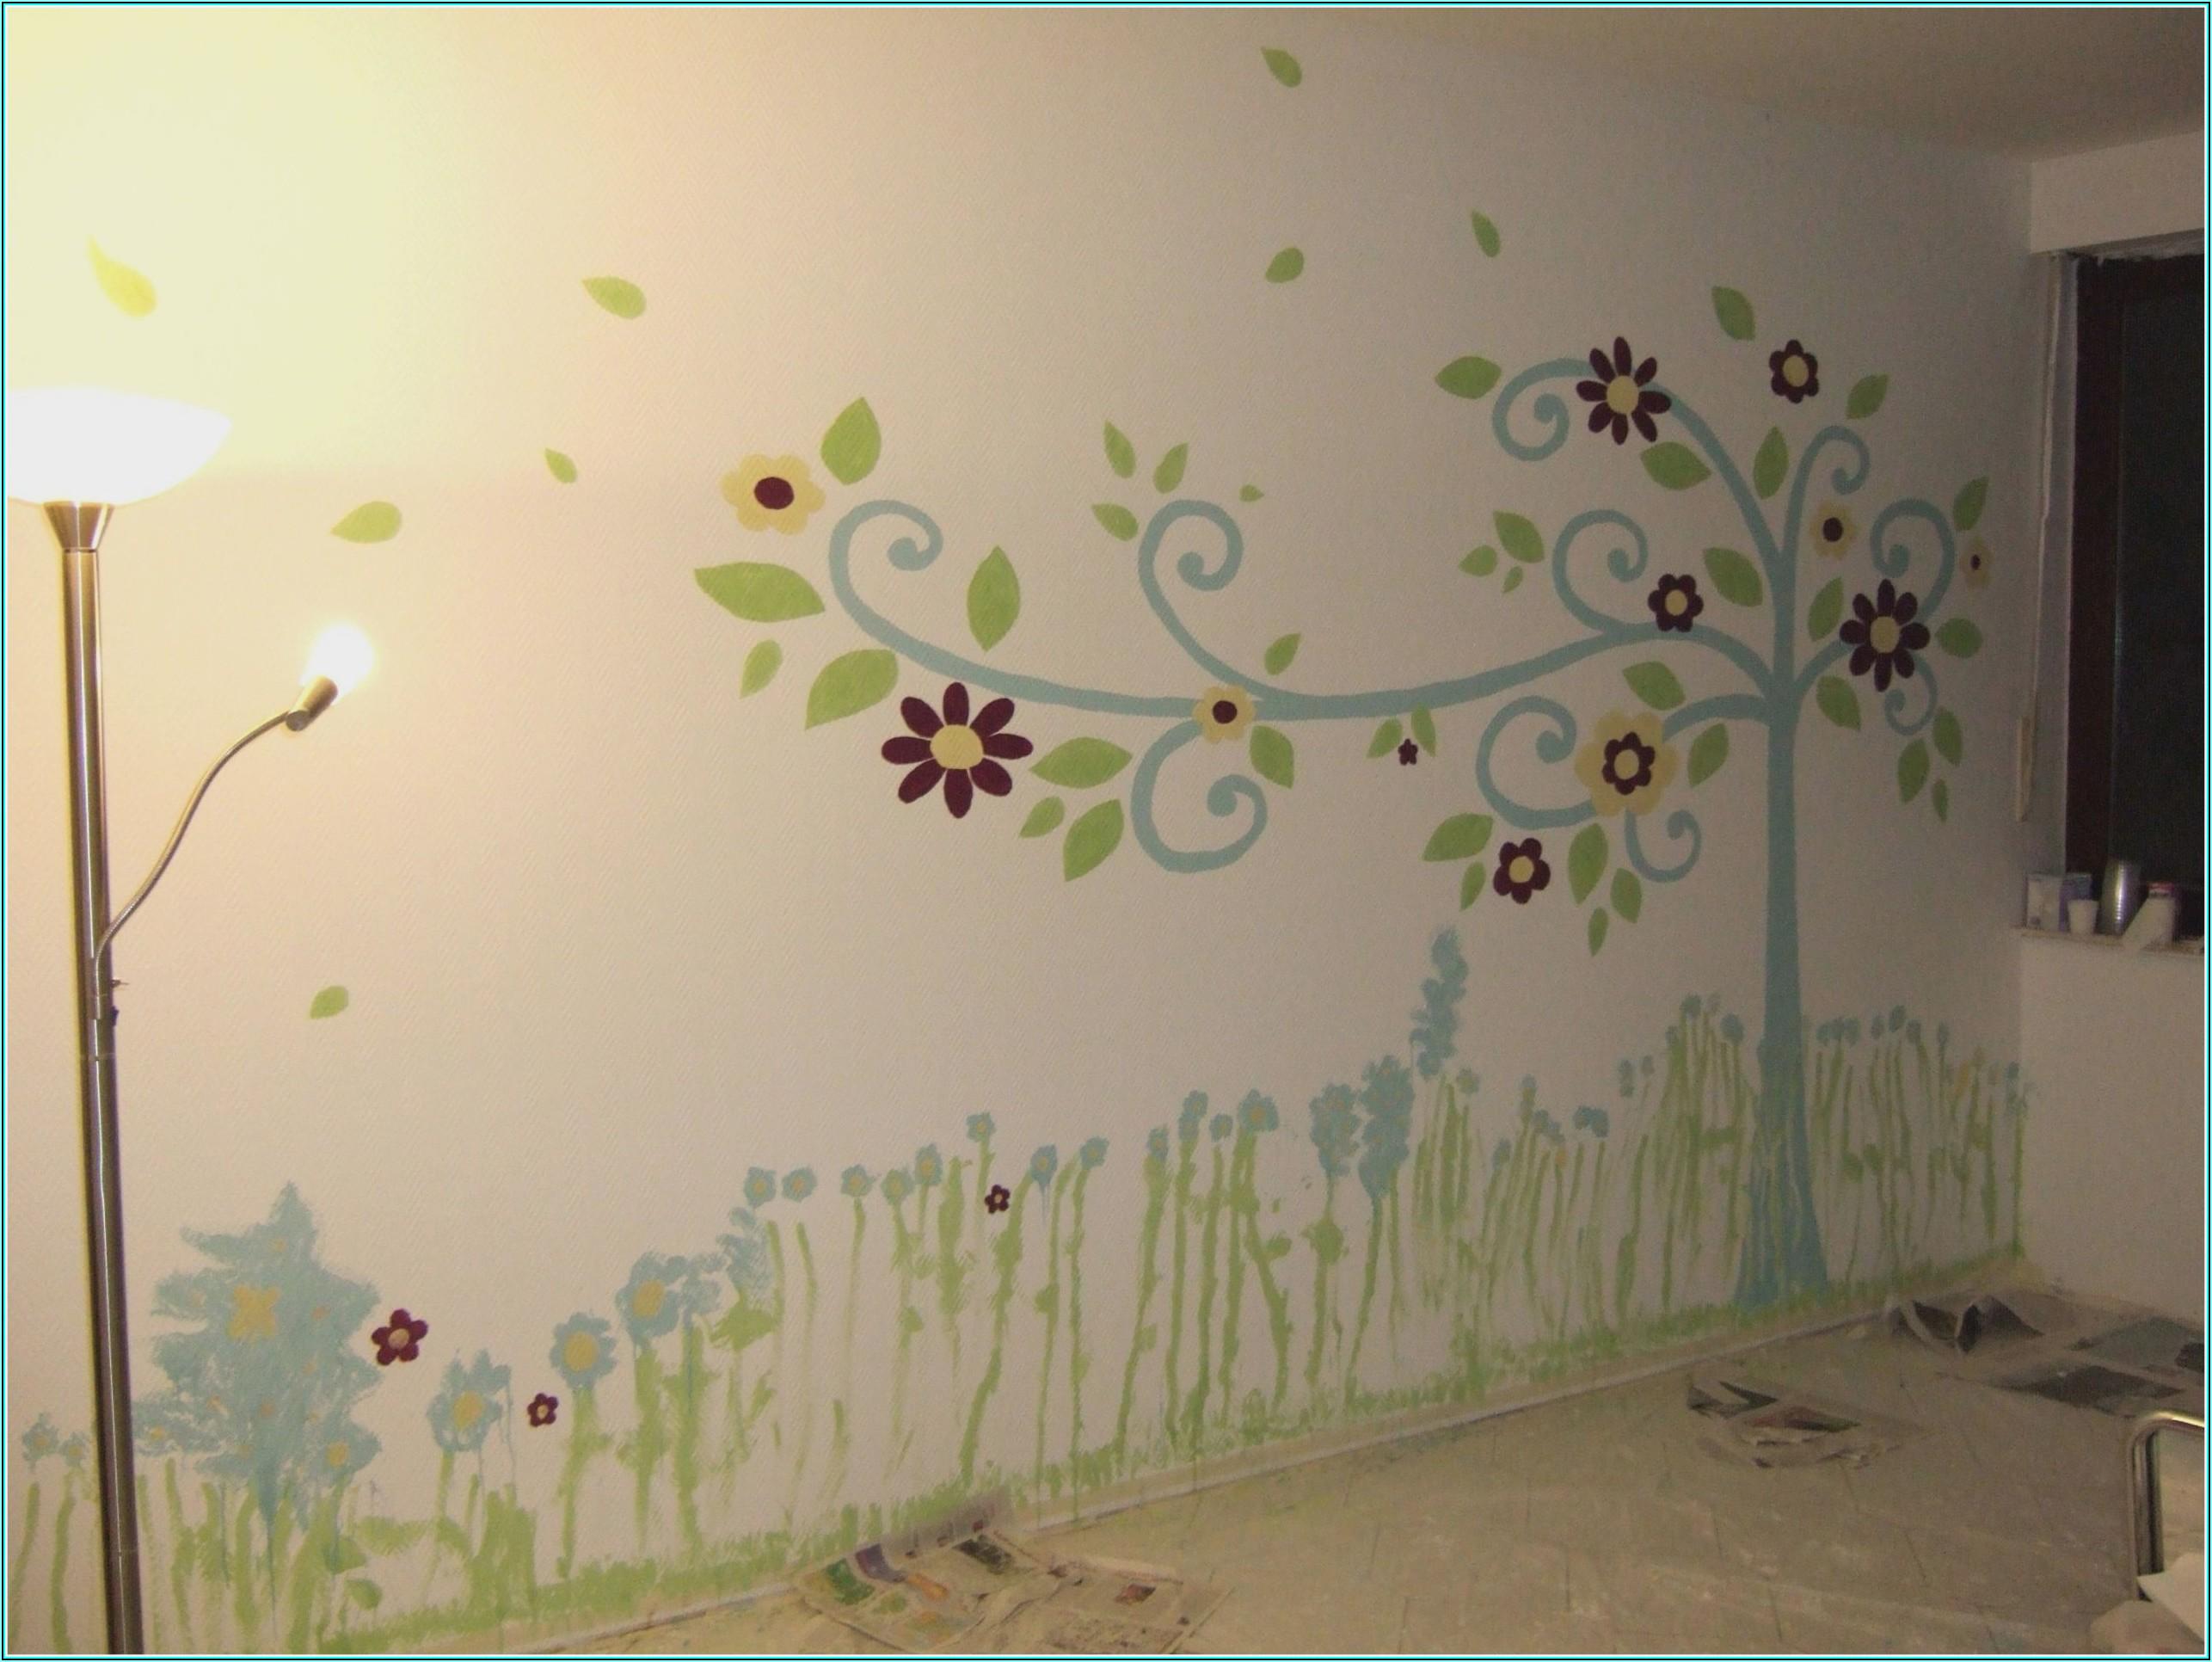 Wandbilder Selber Malen Kinderzimmer